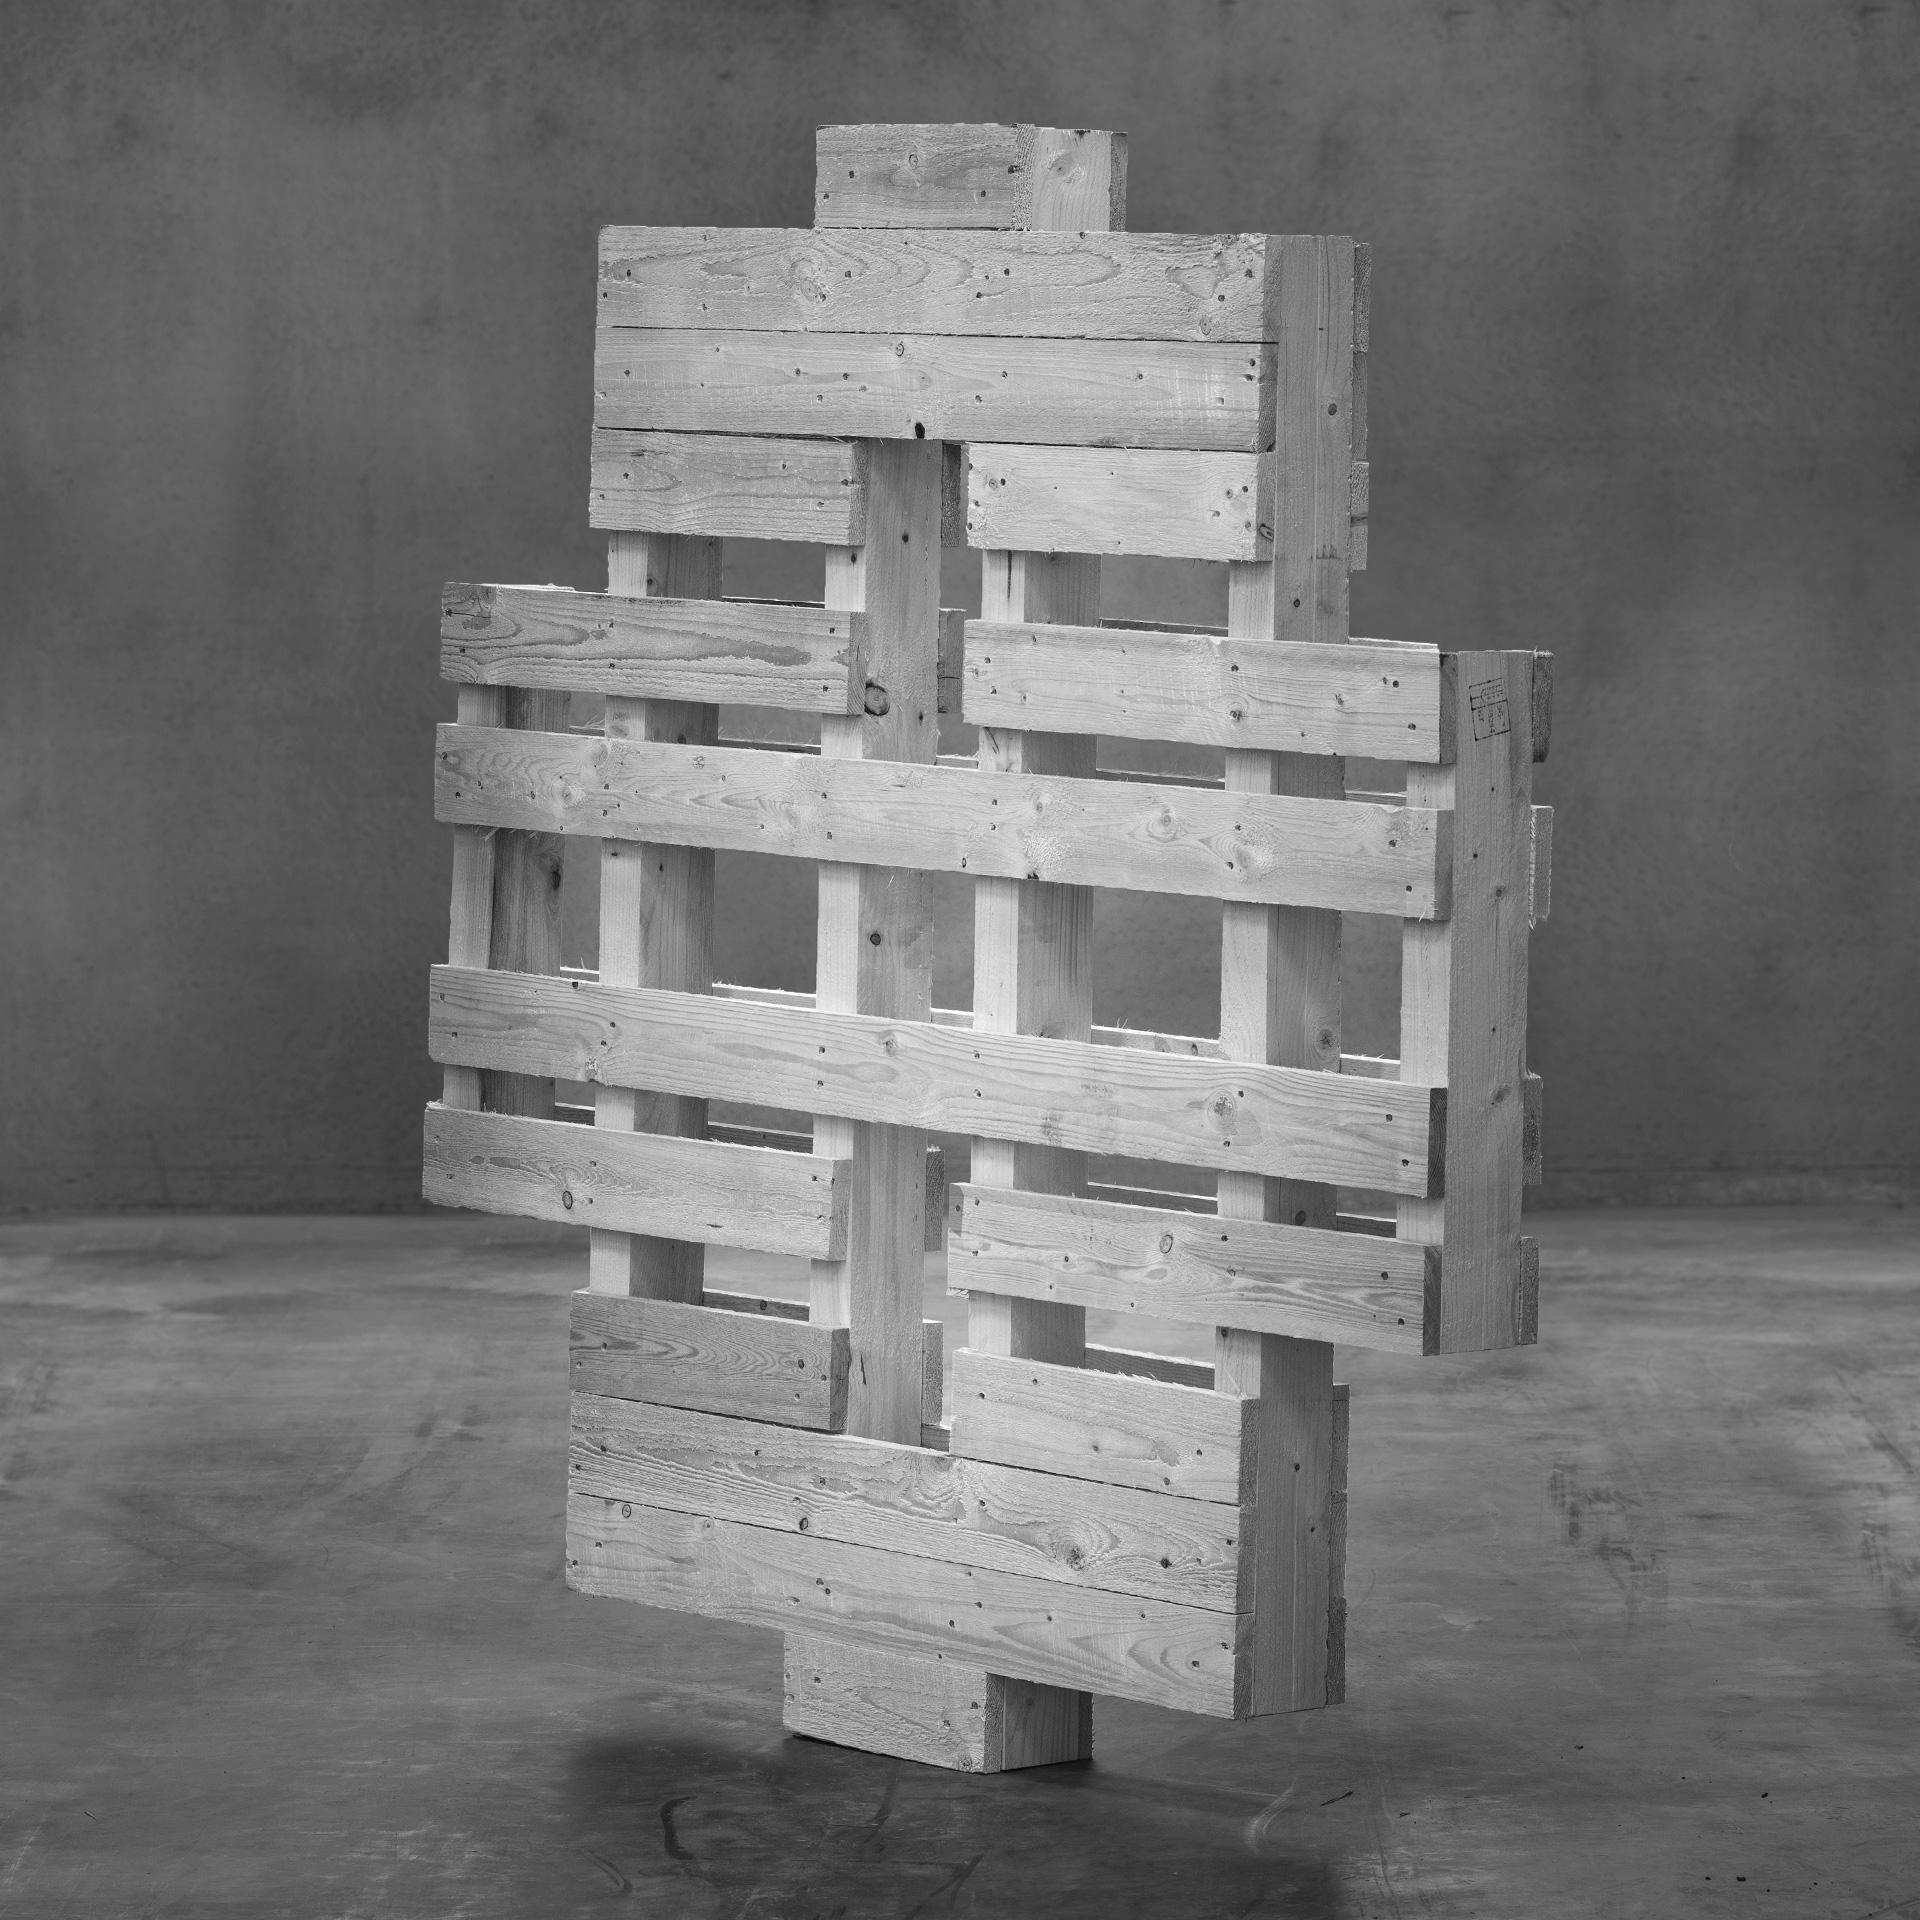 Produktbild: Specialemballage i trä till stora rullar, stående på betonggolv.